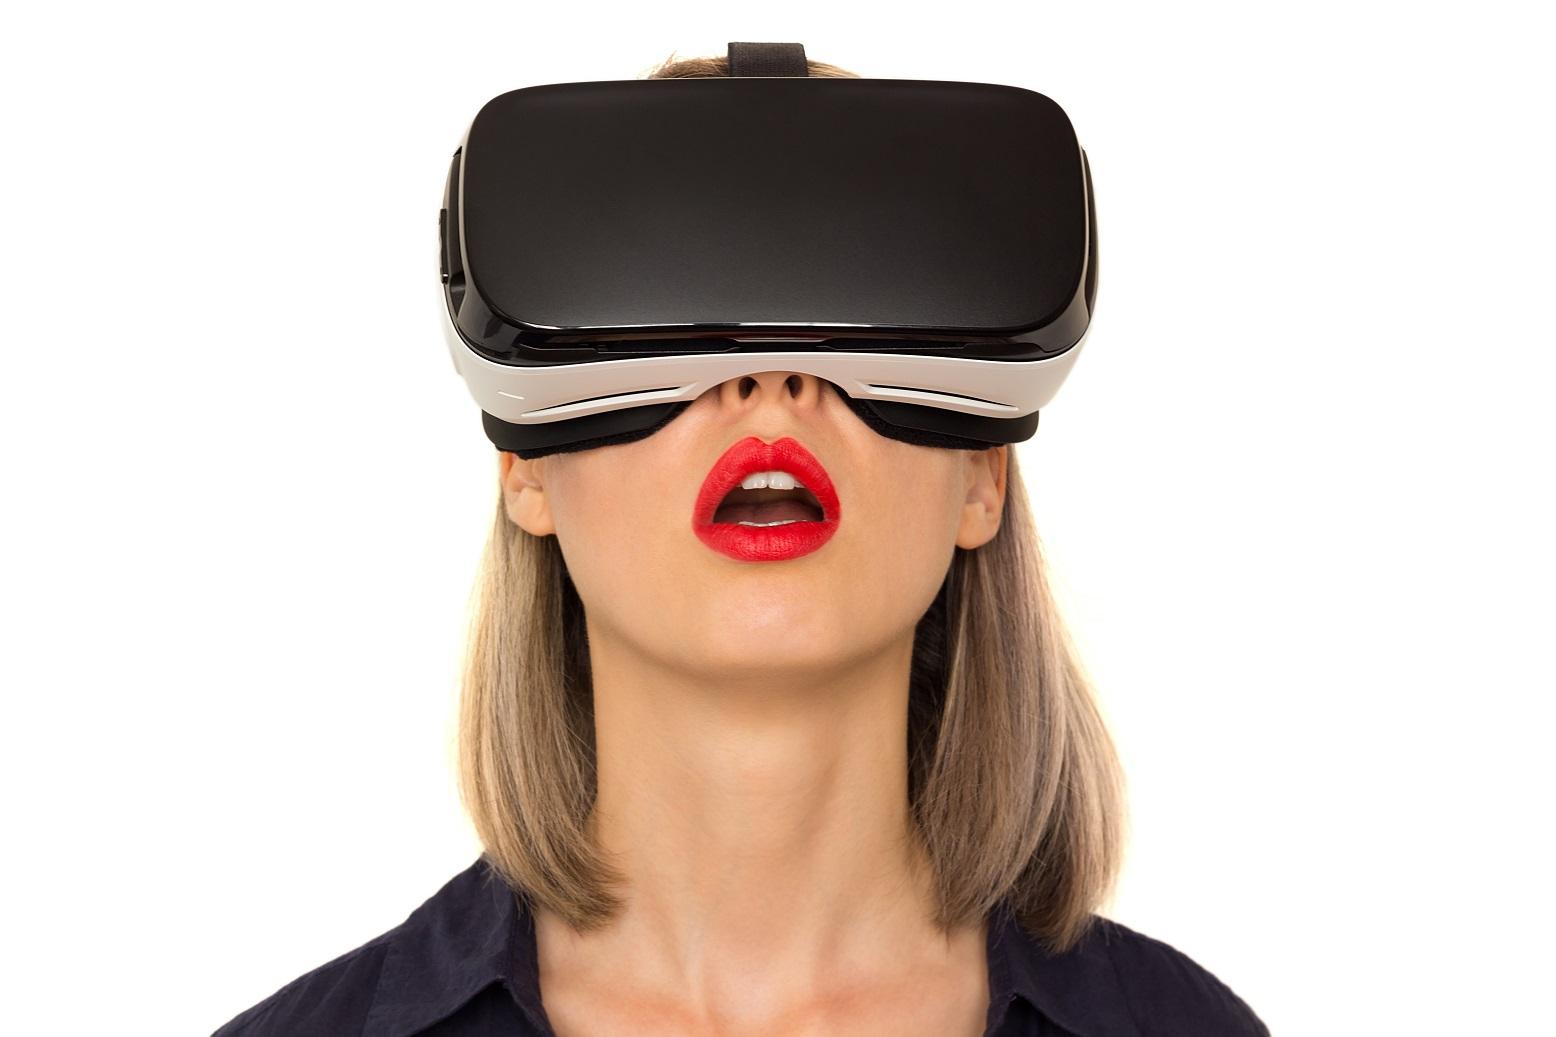 Kolejny producent wchodzi w VR